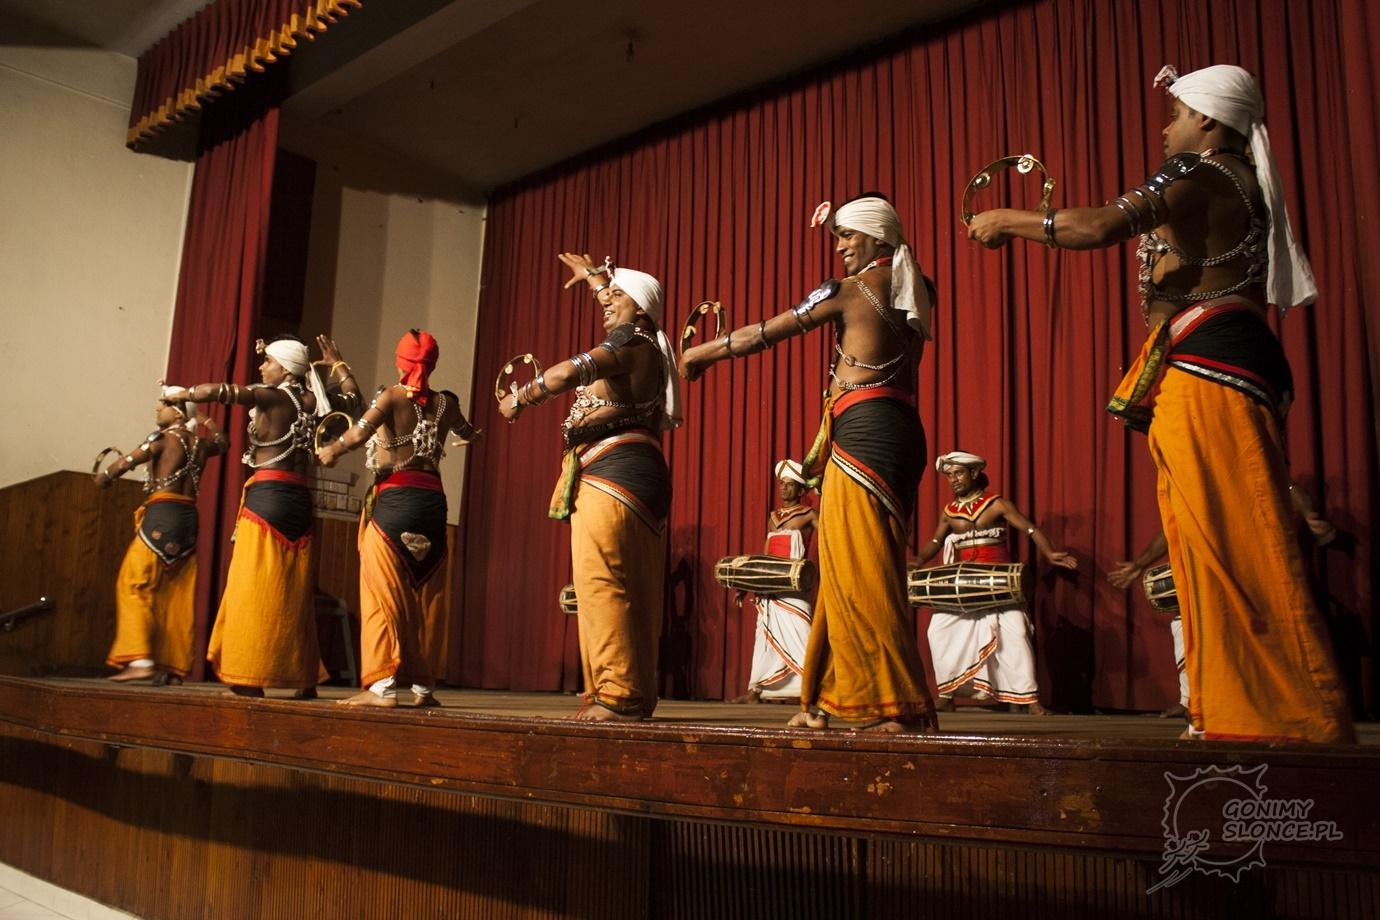 Tradycyjne stroje i tańce w Sri Lance